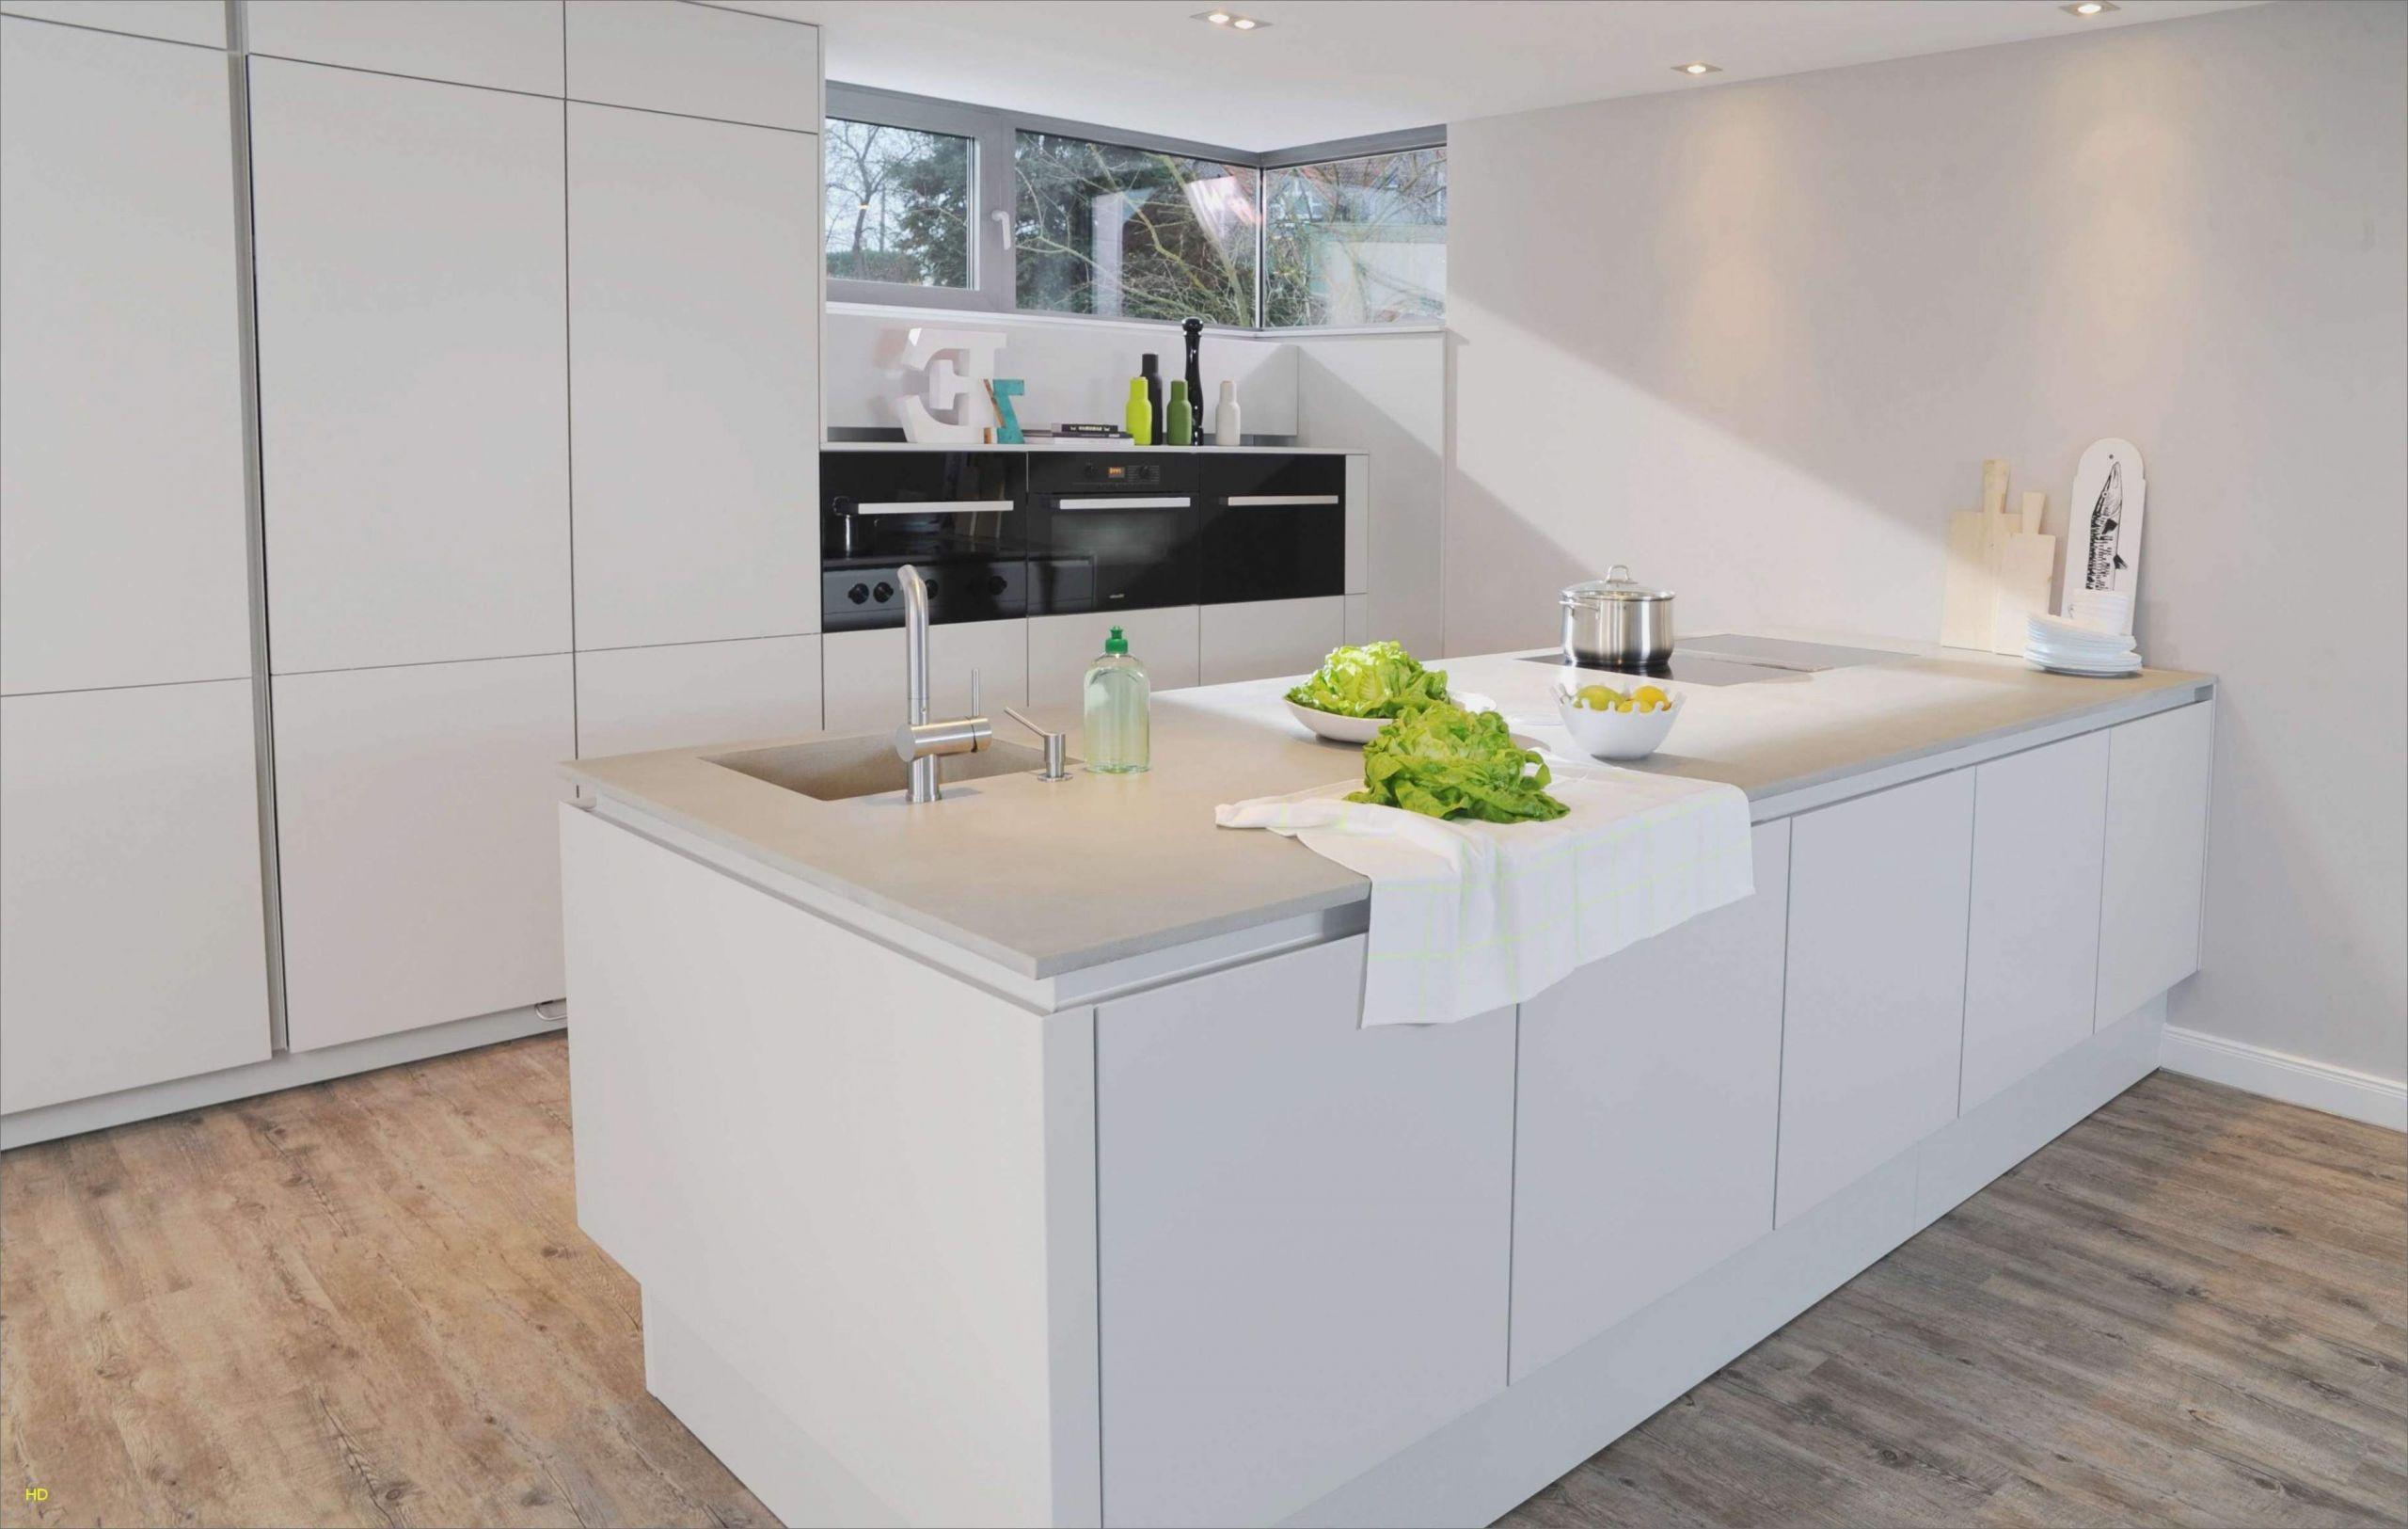 sitzbanke kuche landhausstil paletten kuche selber bauen ikea kuche mit integriertem sitzplatz kuche mit integriertem sitzplatz